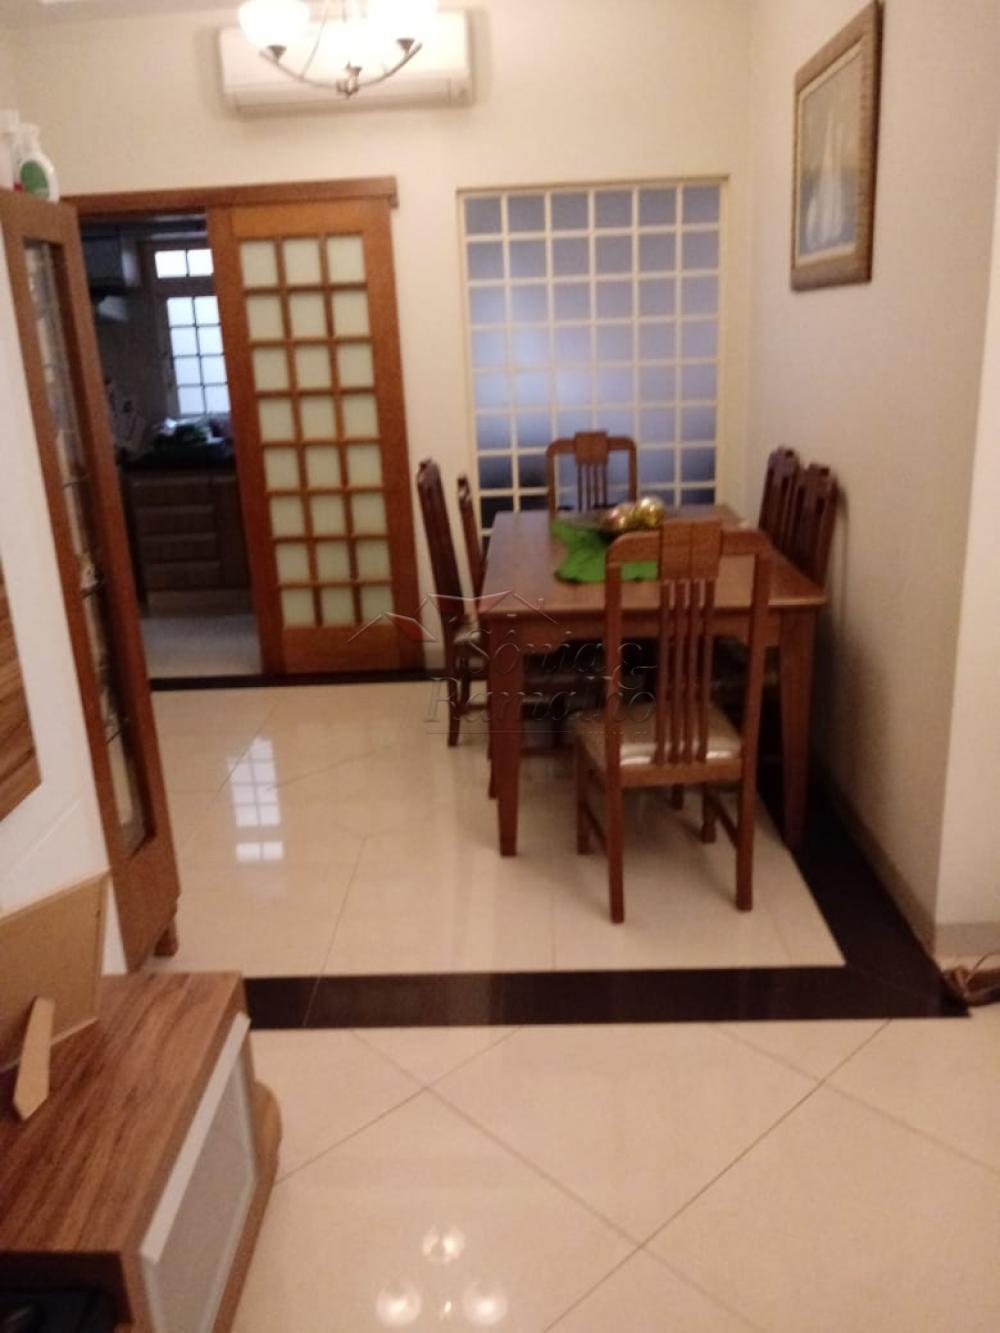 Comprar Casas / Padrão em Sertãozinho apenas R$ 535.000,00 - Foto 21